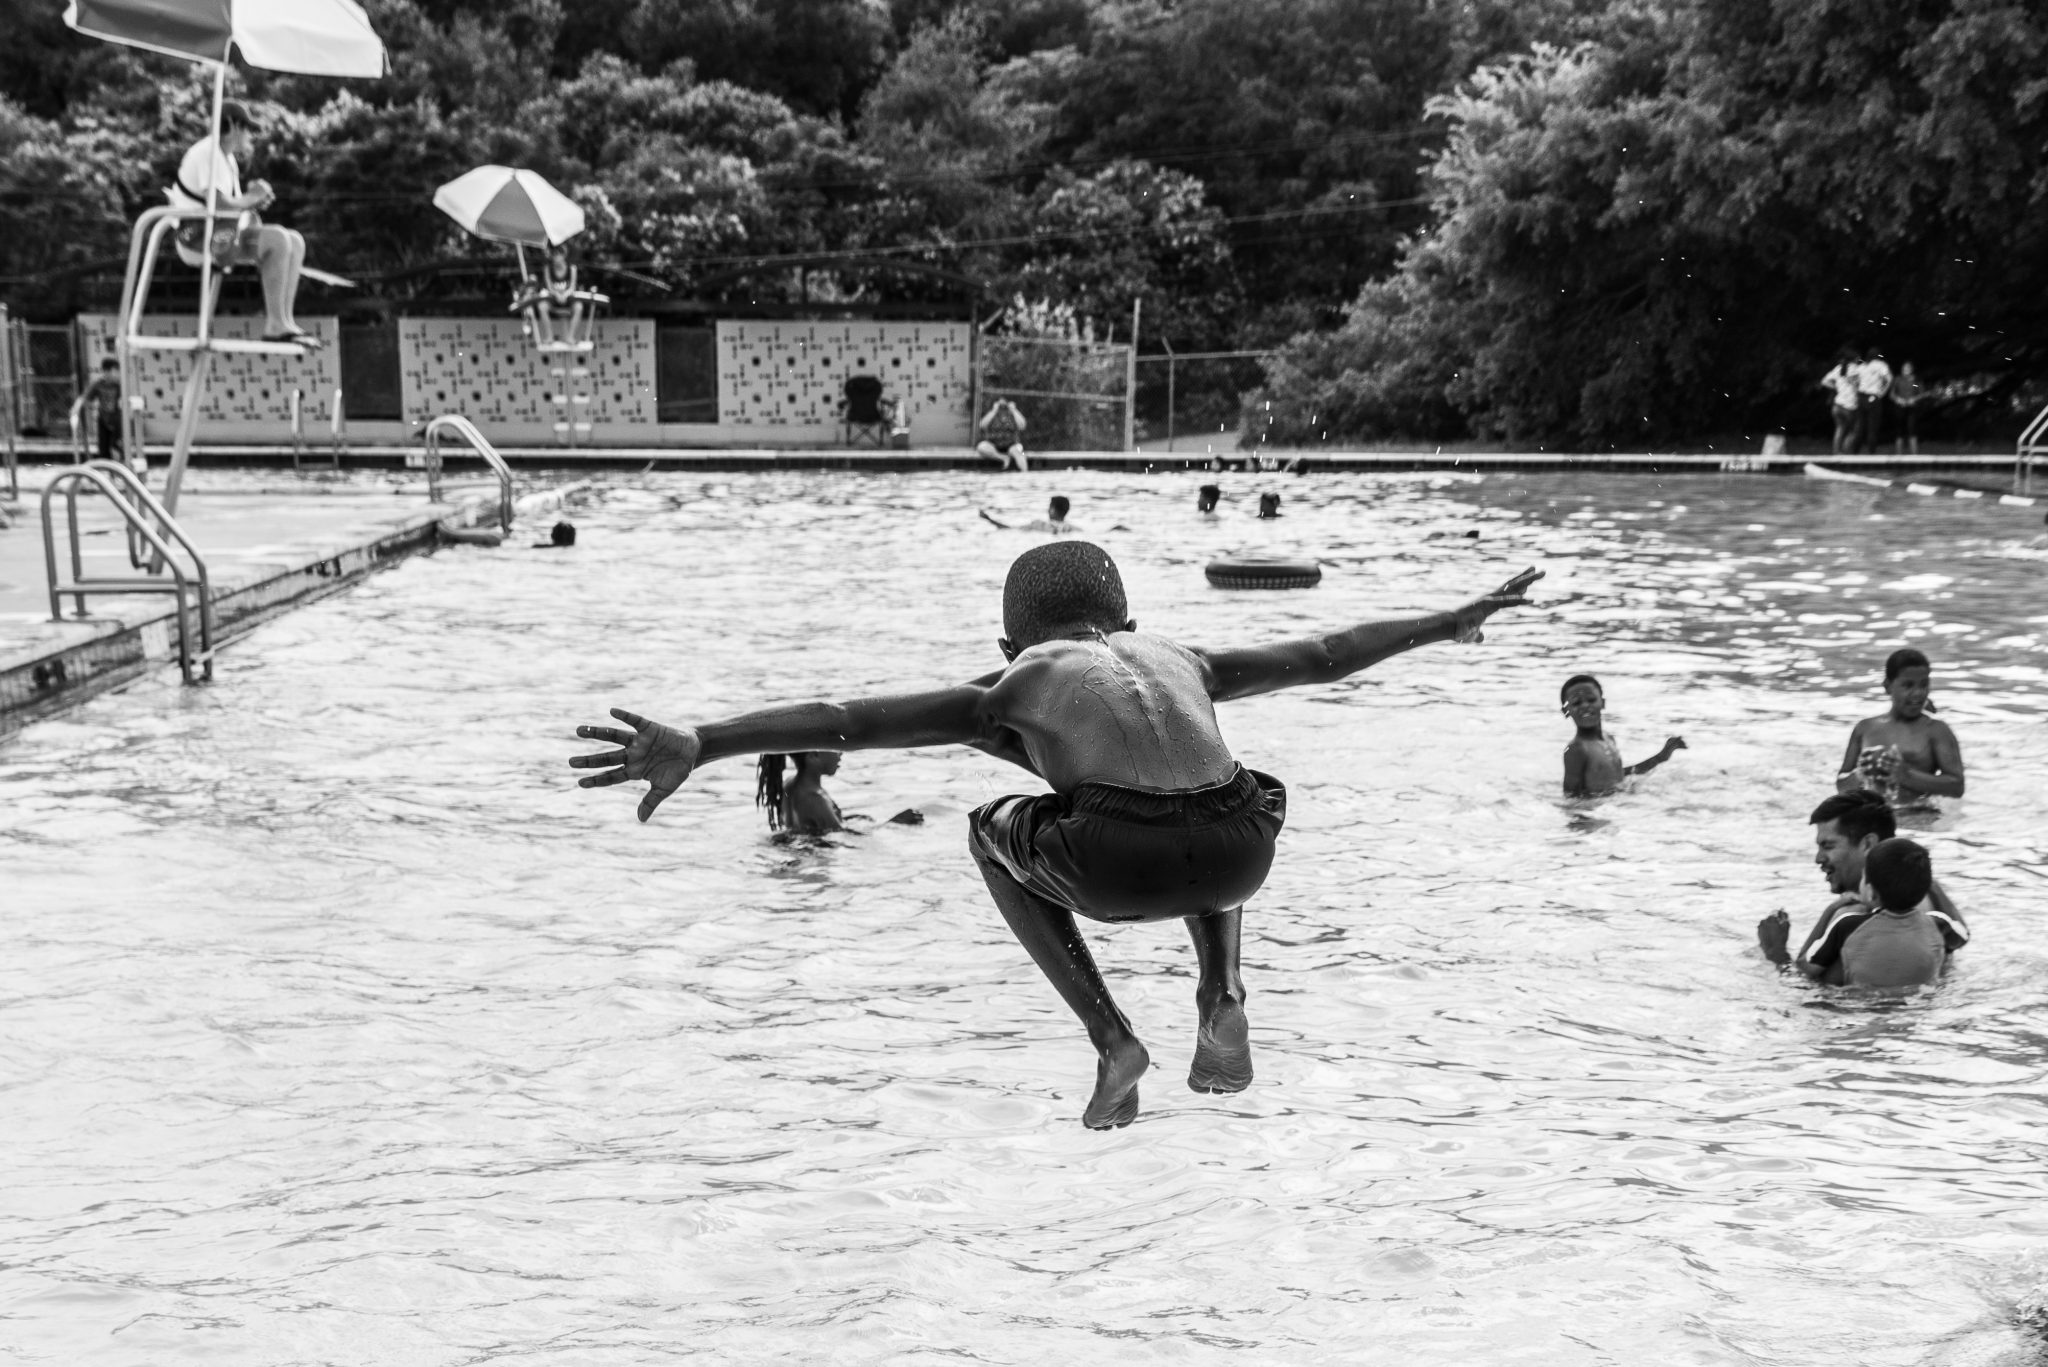 """Cindy Elizabeth, """"Boy flys into Givens Pool, Austin, Texas."""" 2019. Digital photograph. @Cindy Elizabeth"""